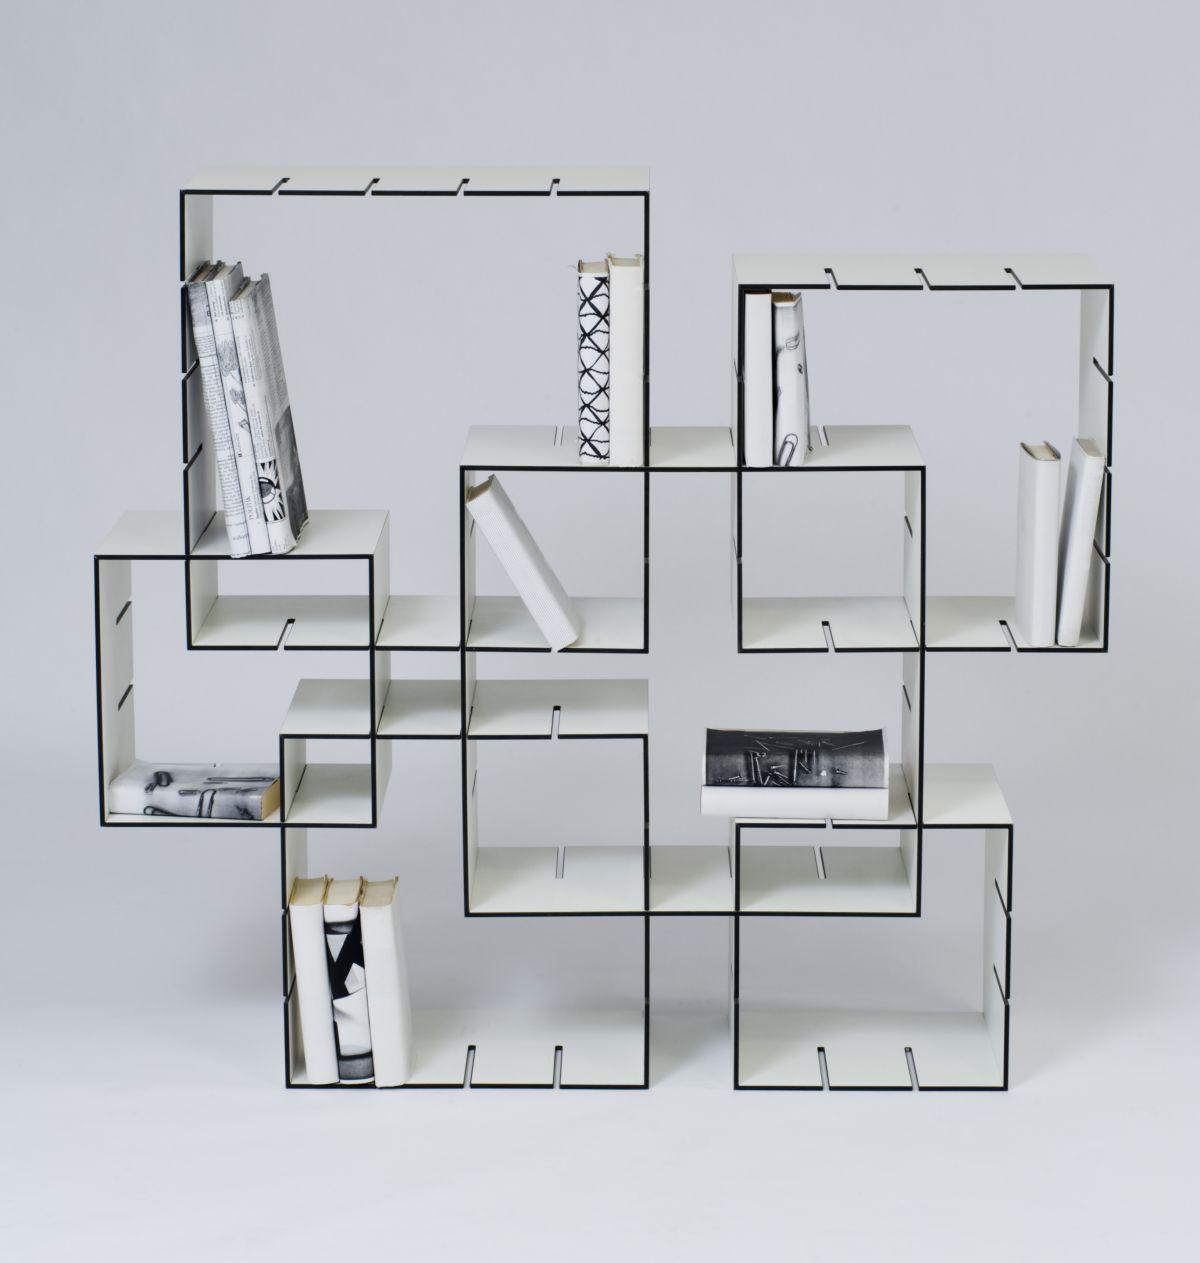 Shelf Furniture Design Ideas Furniture Design Blog Furniii  # Model De Meuble Simple A La Maison